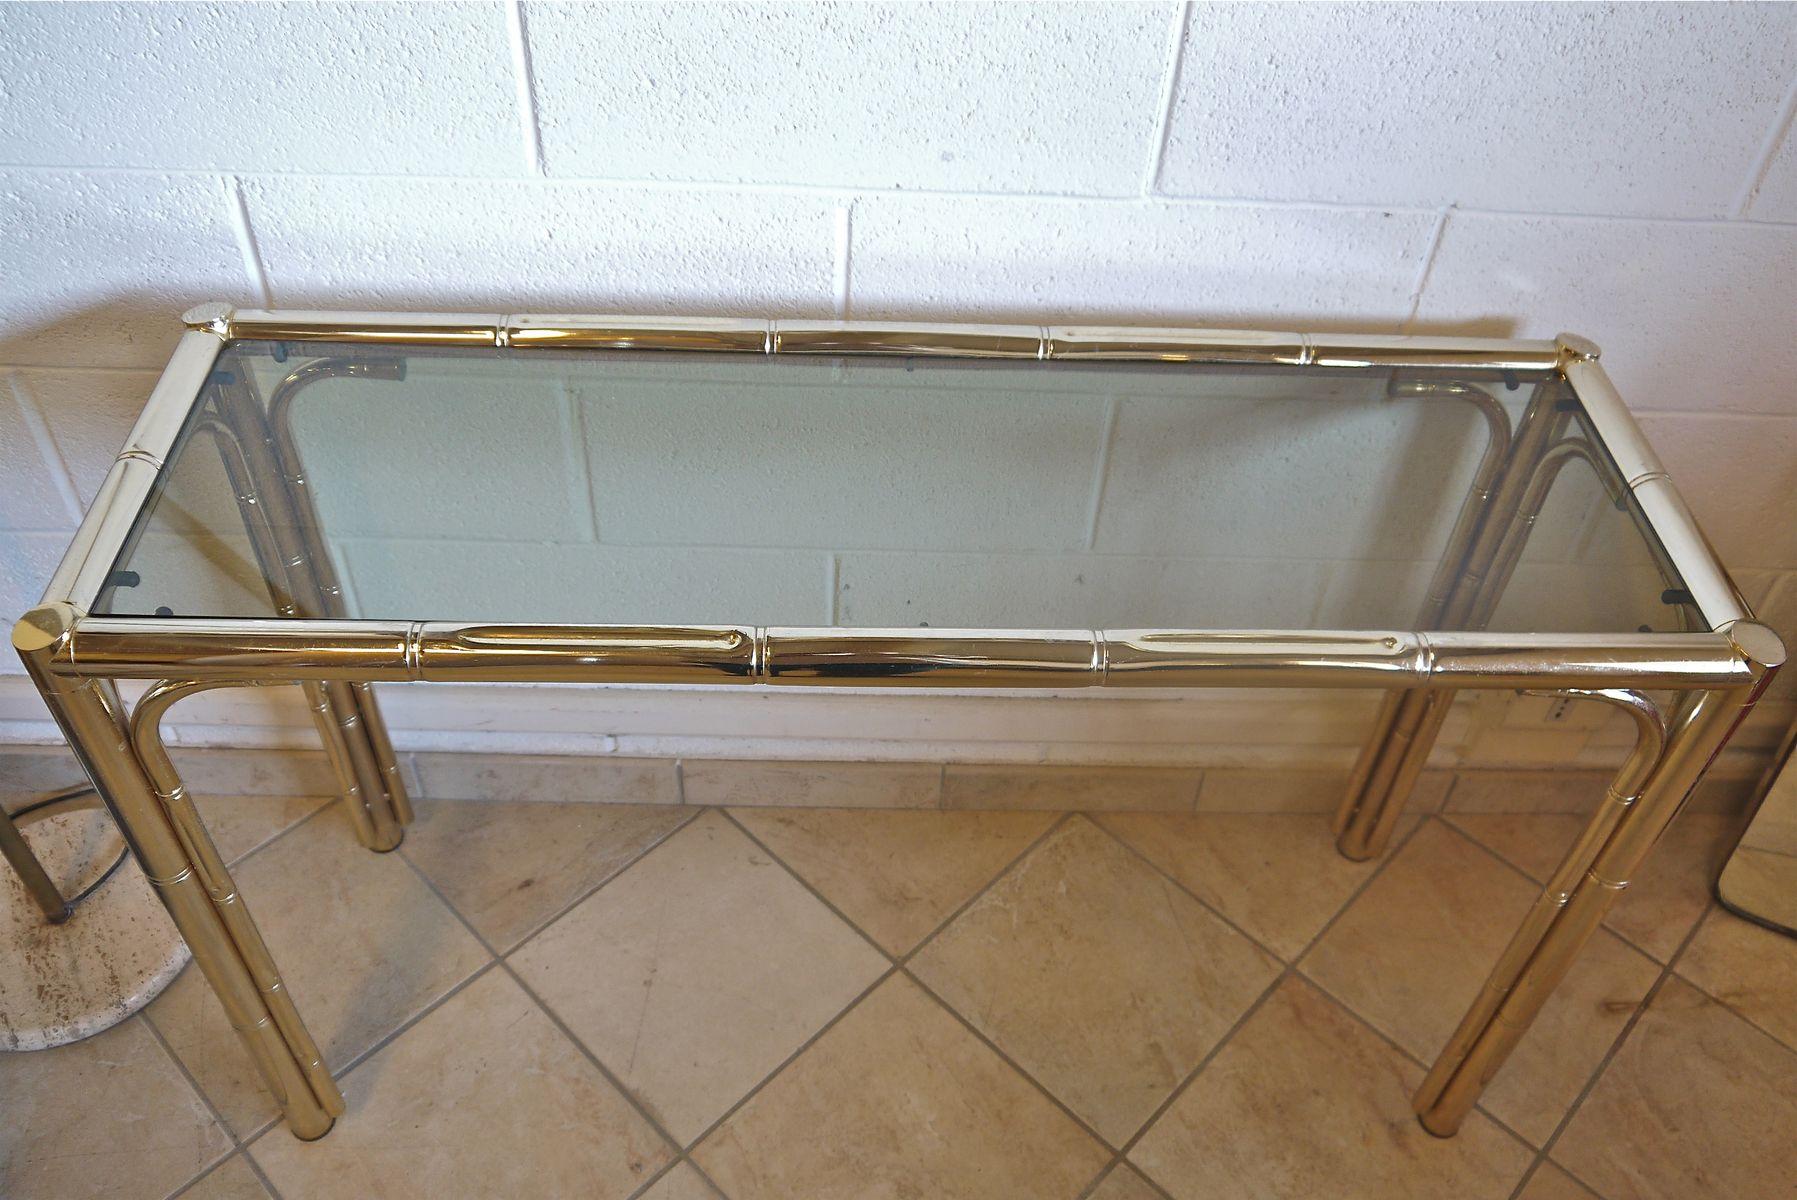 messing beistelltisch in bambus optik bei pamono kaufen. Black Bedroom Furniture Sets. Home Design Ideas